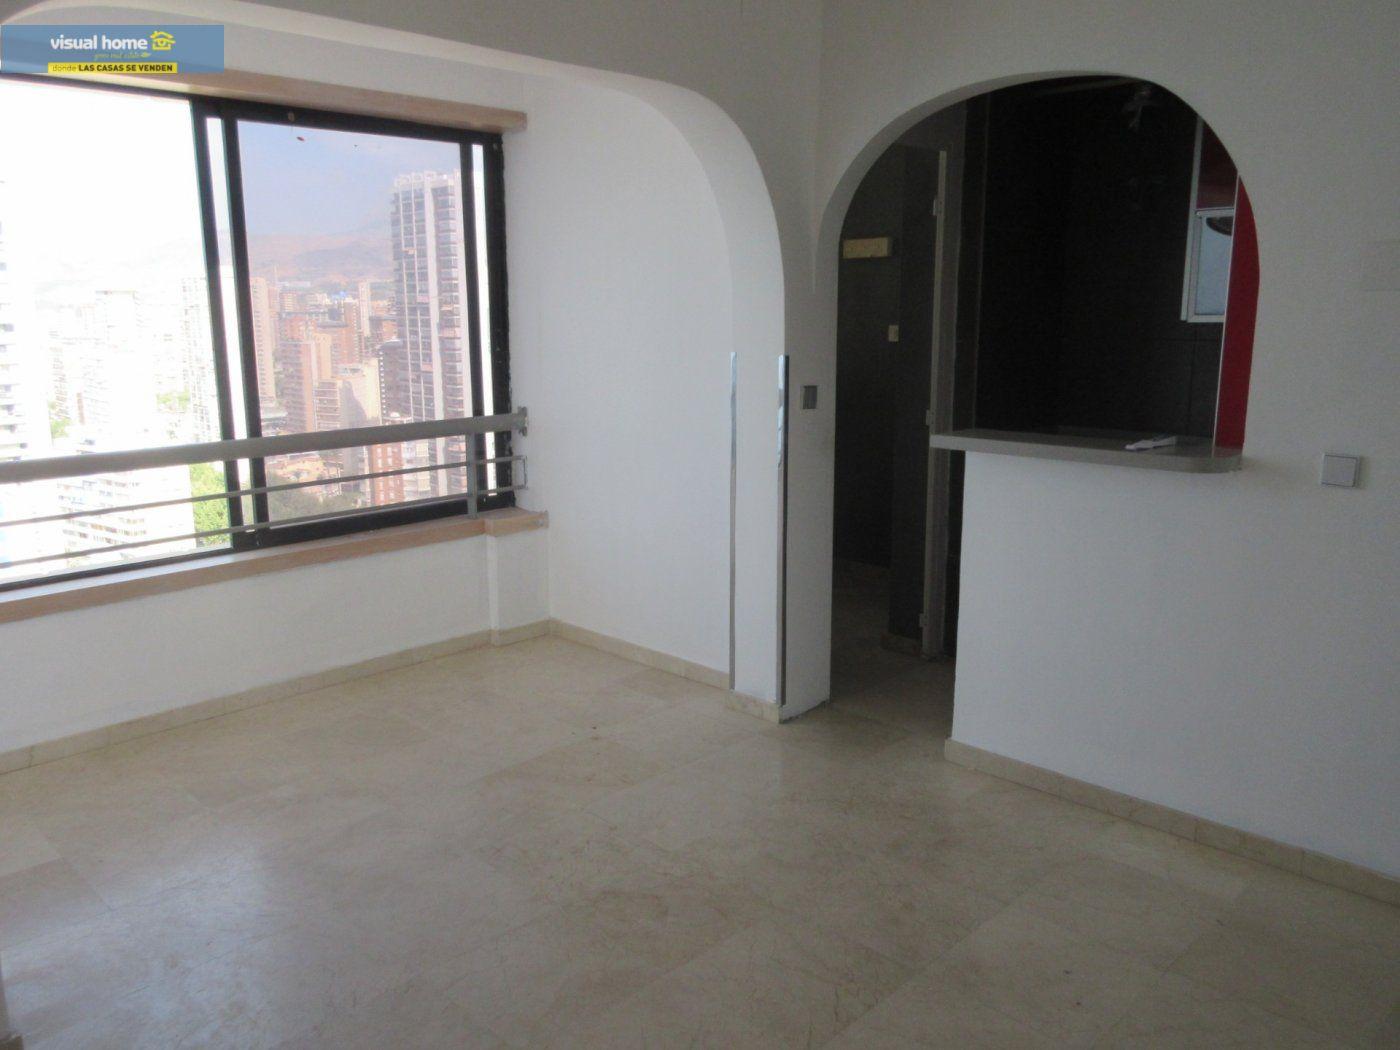 Apartamento de 1 dormitorio con espectaculares vistas  en 1ª linea de playa con parking y piscina 8